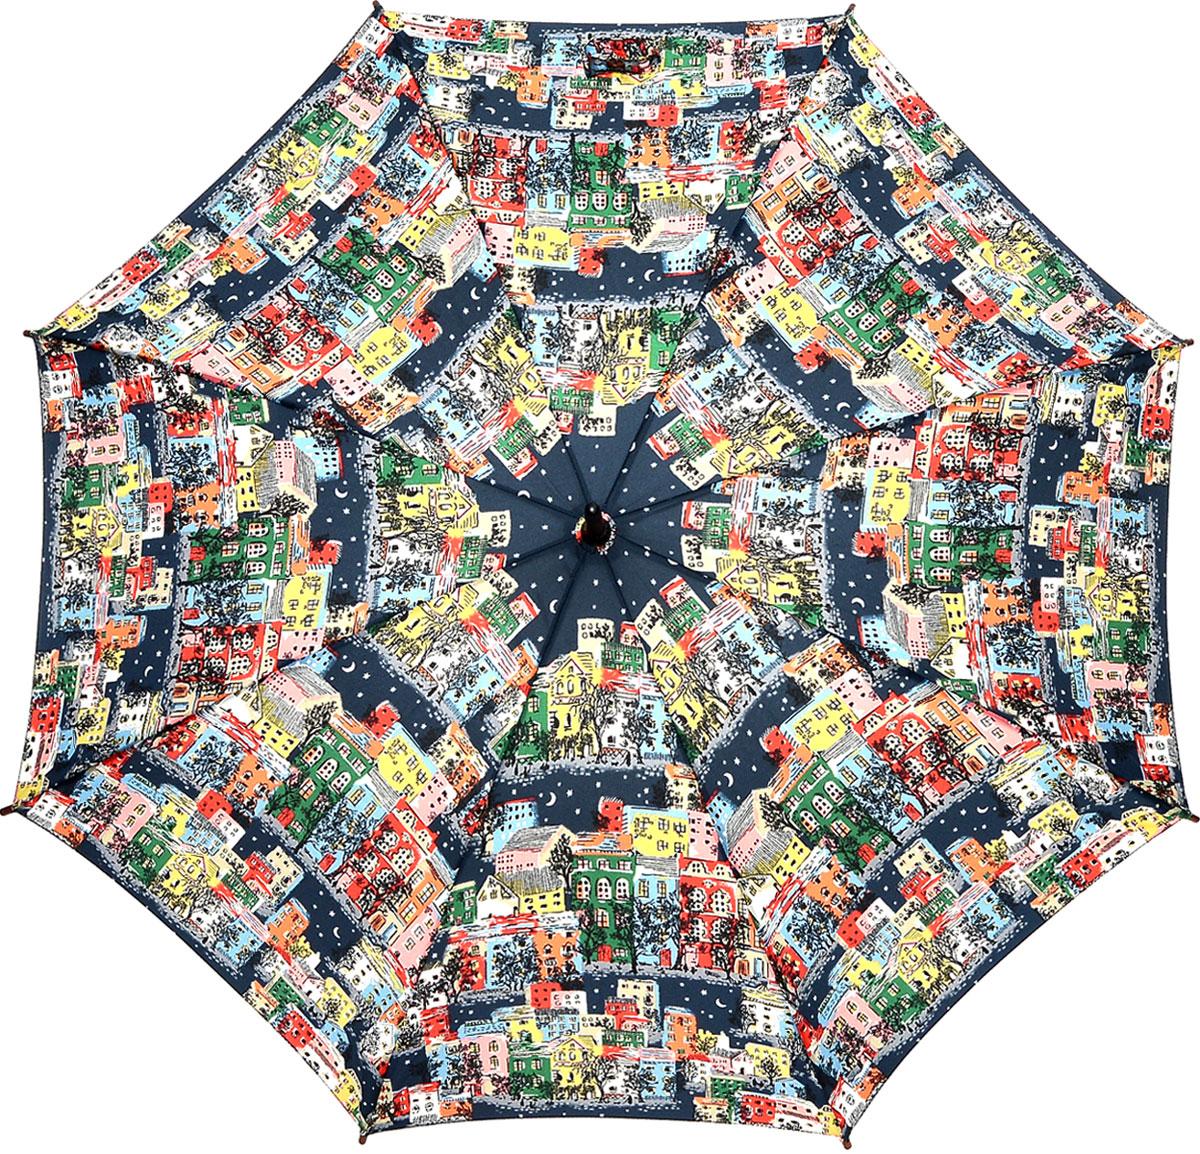 Зонт-трость женский Cath Kidston Kensington, механический, цвет: мультиколор. L541-2848L541-2848 TownhousesЯркий механический зонт-трость Cath Kidston Kensington даже в ненастную погоду позволит вам оставаться стильной и элегантной. Каркас зонта включает 8 спиц из фибергласса с деревянным наконечниками. Стержень изготовлен из дерева. Купол зонта выполнен из износостойкого полиэстера и оформлен оригинальным принтом. Изделие дополнено удобной рукояткой из гладкого дерева. Зонт механического сложения: купол открывается и закрывается вручную до характерного щелчка. Модель дополнительно застегивается с помощью двух хлястиков: на кнопку и липучку с декоративной пуговицей. Такой зонт не только надежно защитит вас от дождя, но и станет стильным аксессуаром, который идеально подчеркнет ваш неповторимый образ.